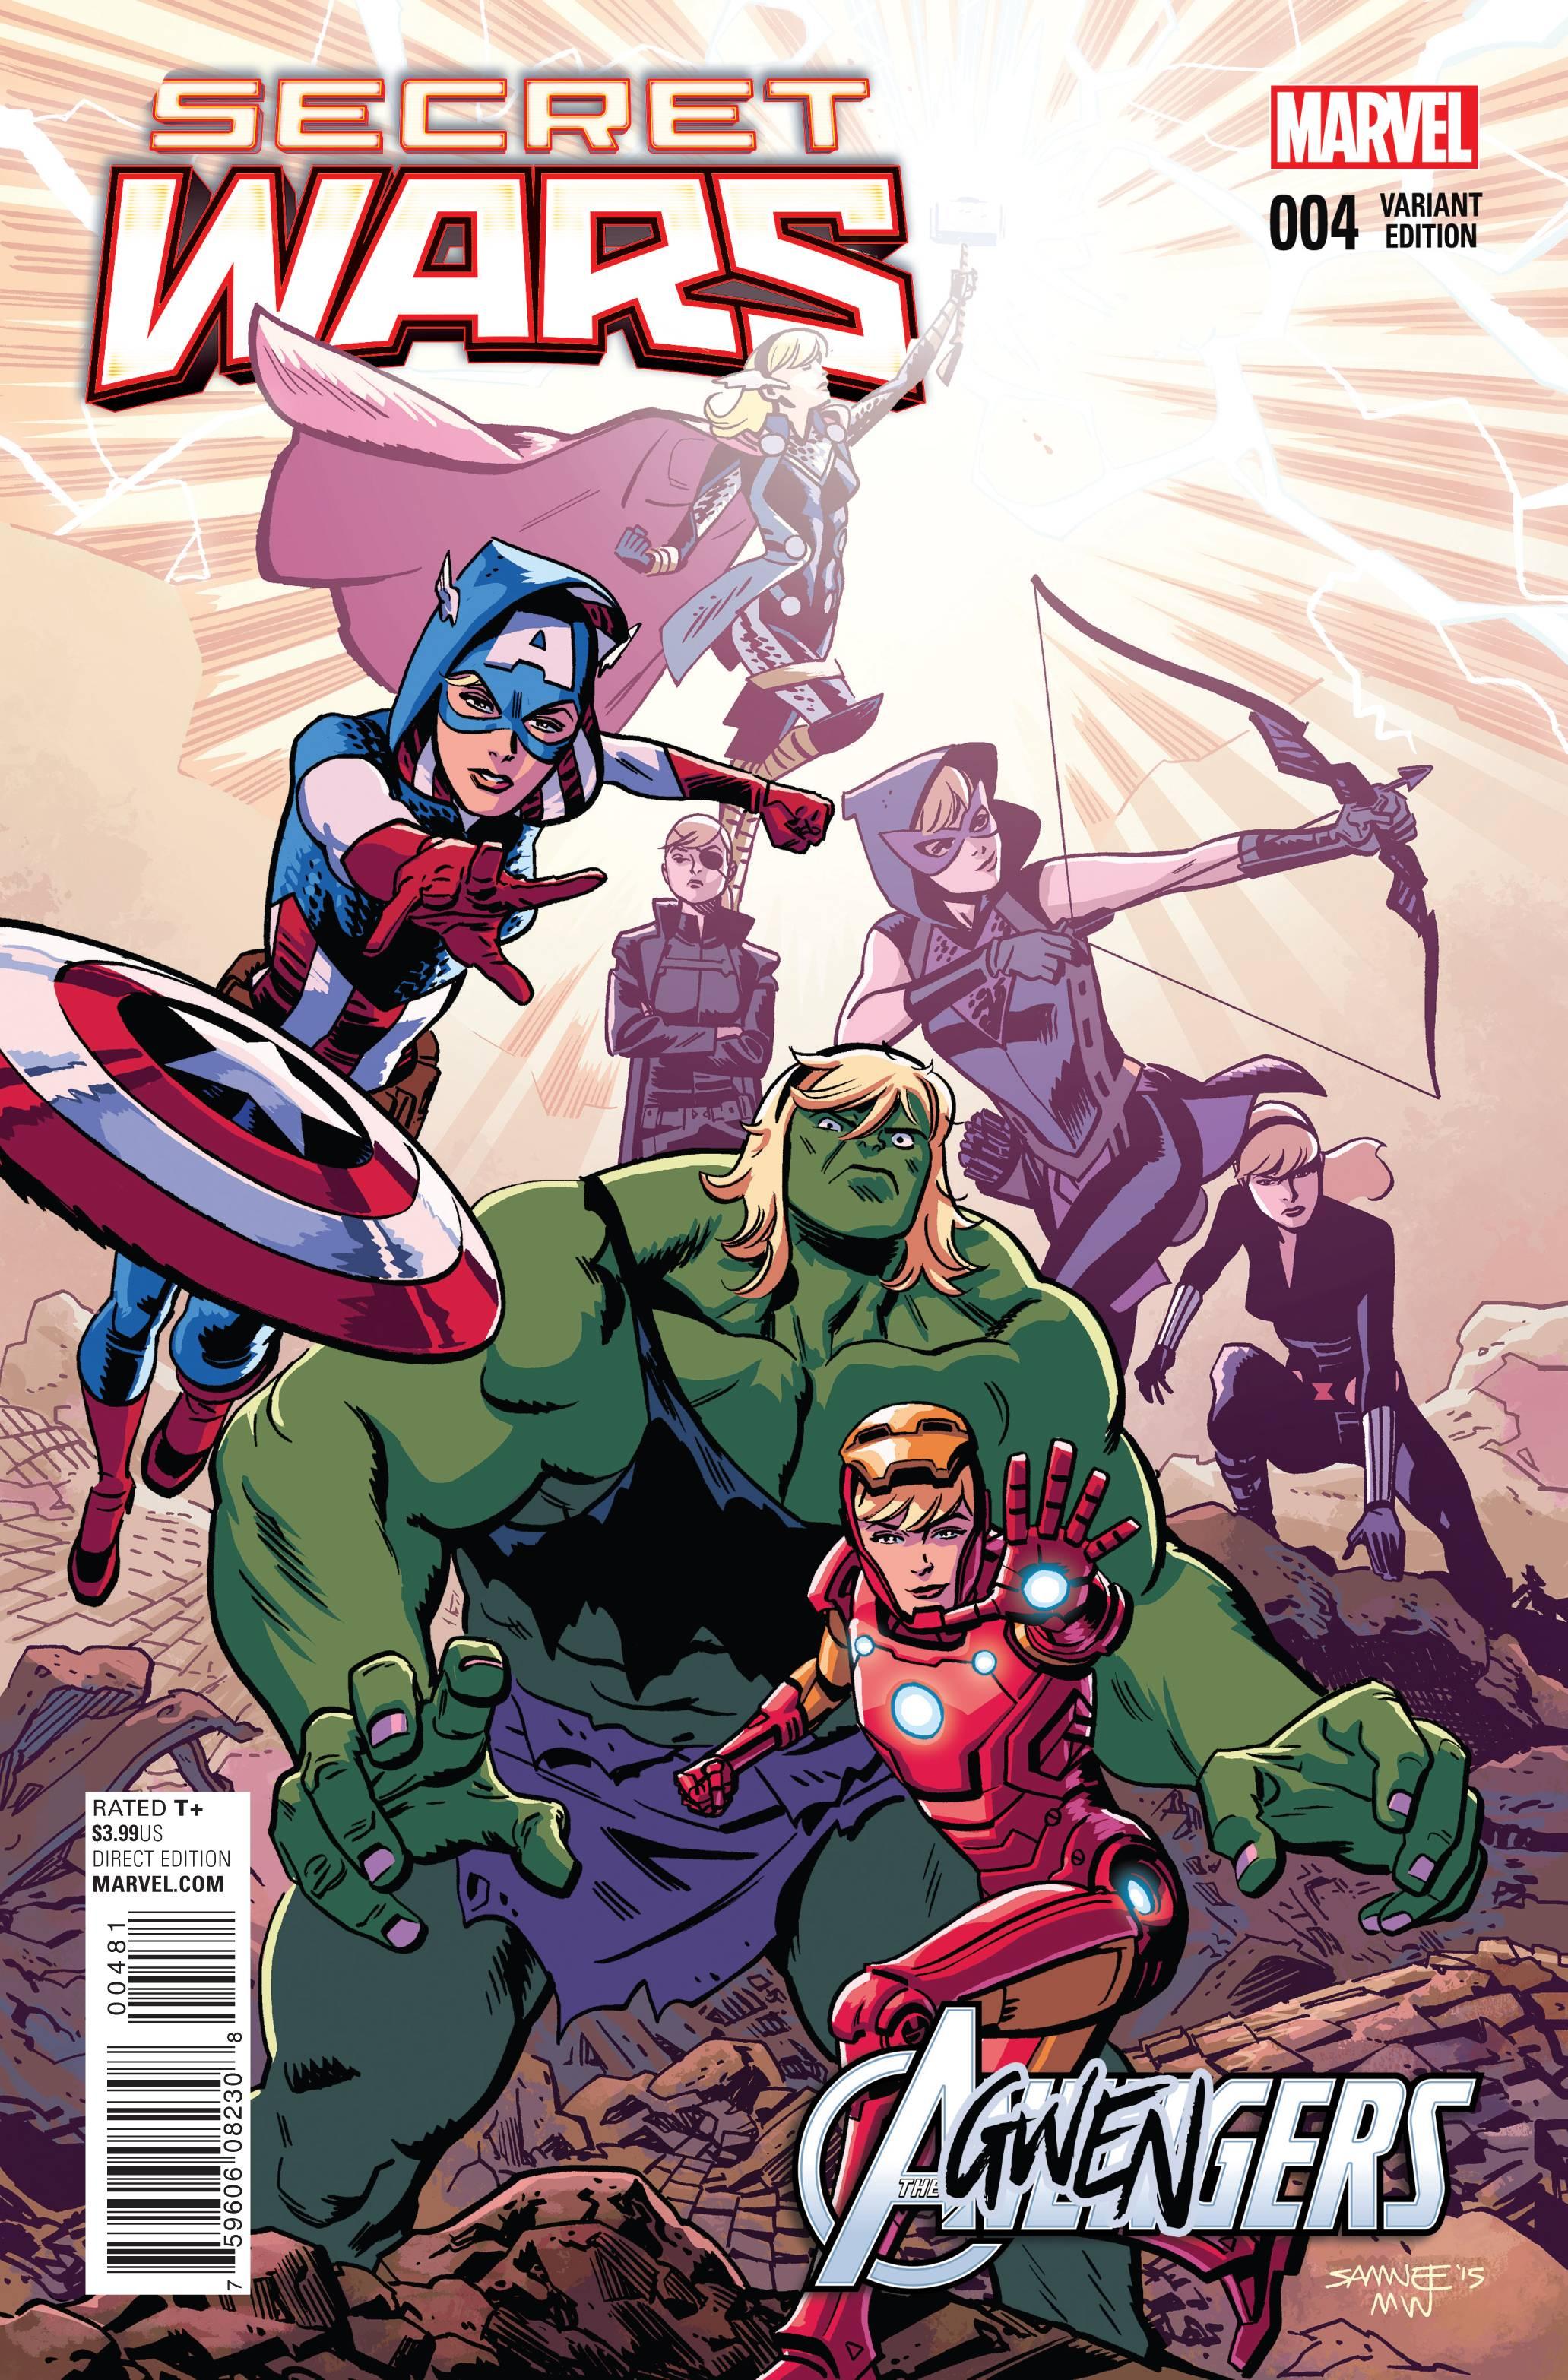 Read online Secret Wars comic -  Issue #4 - 3